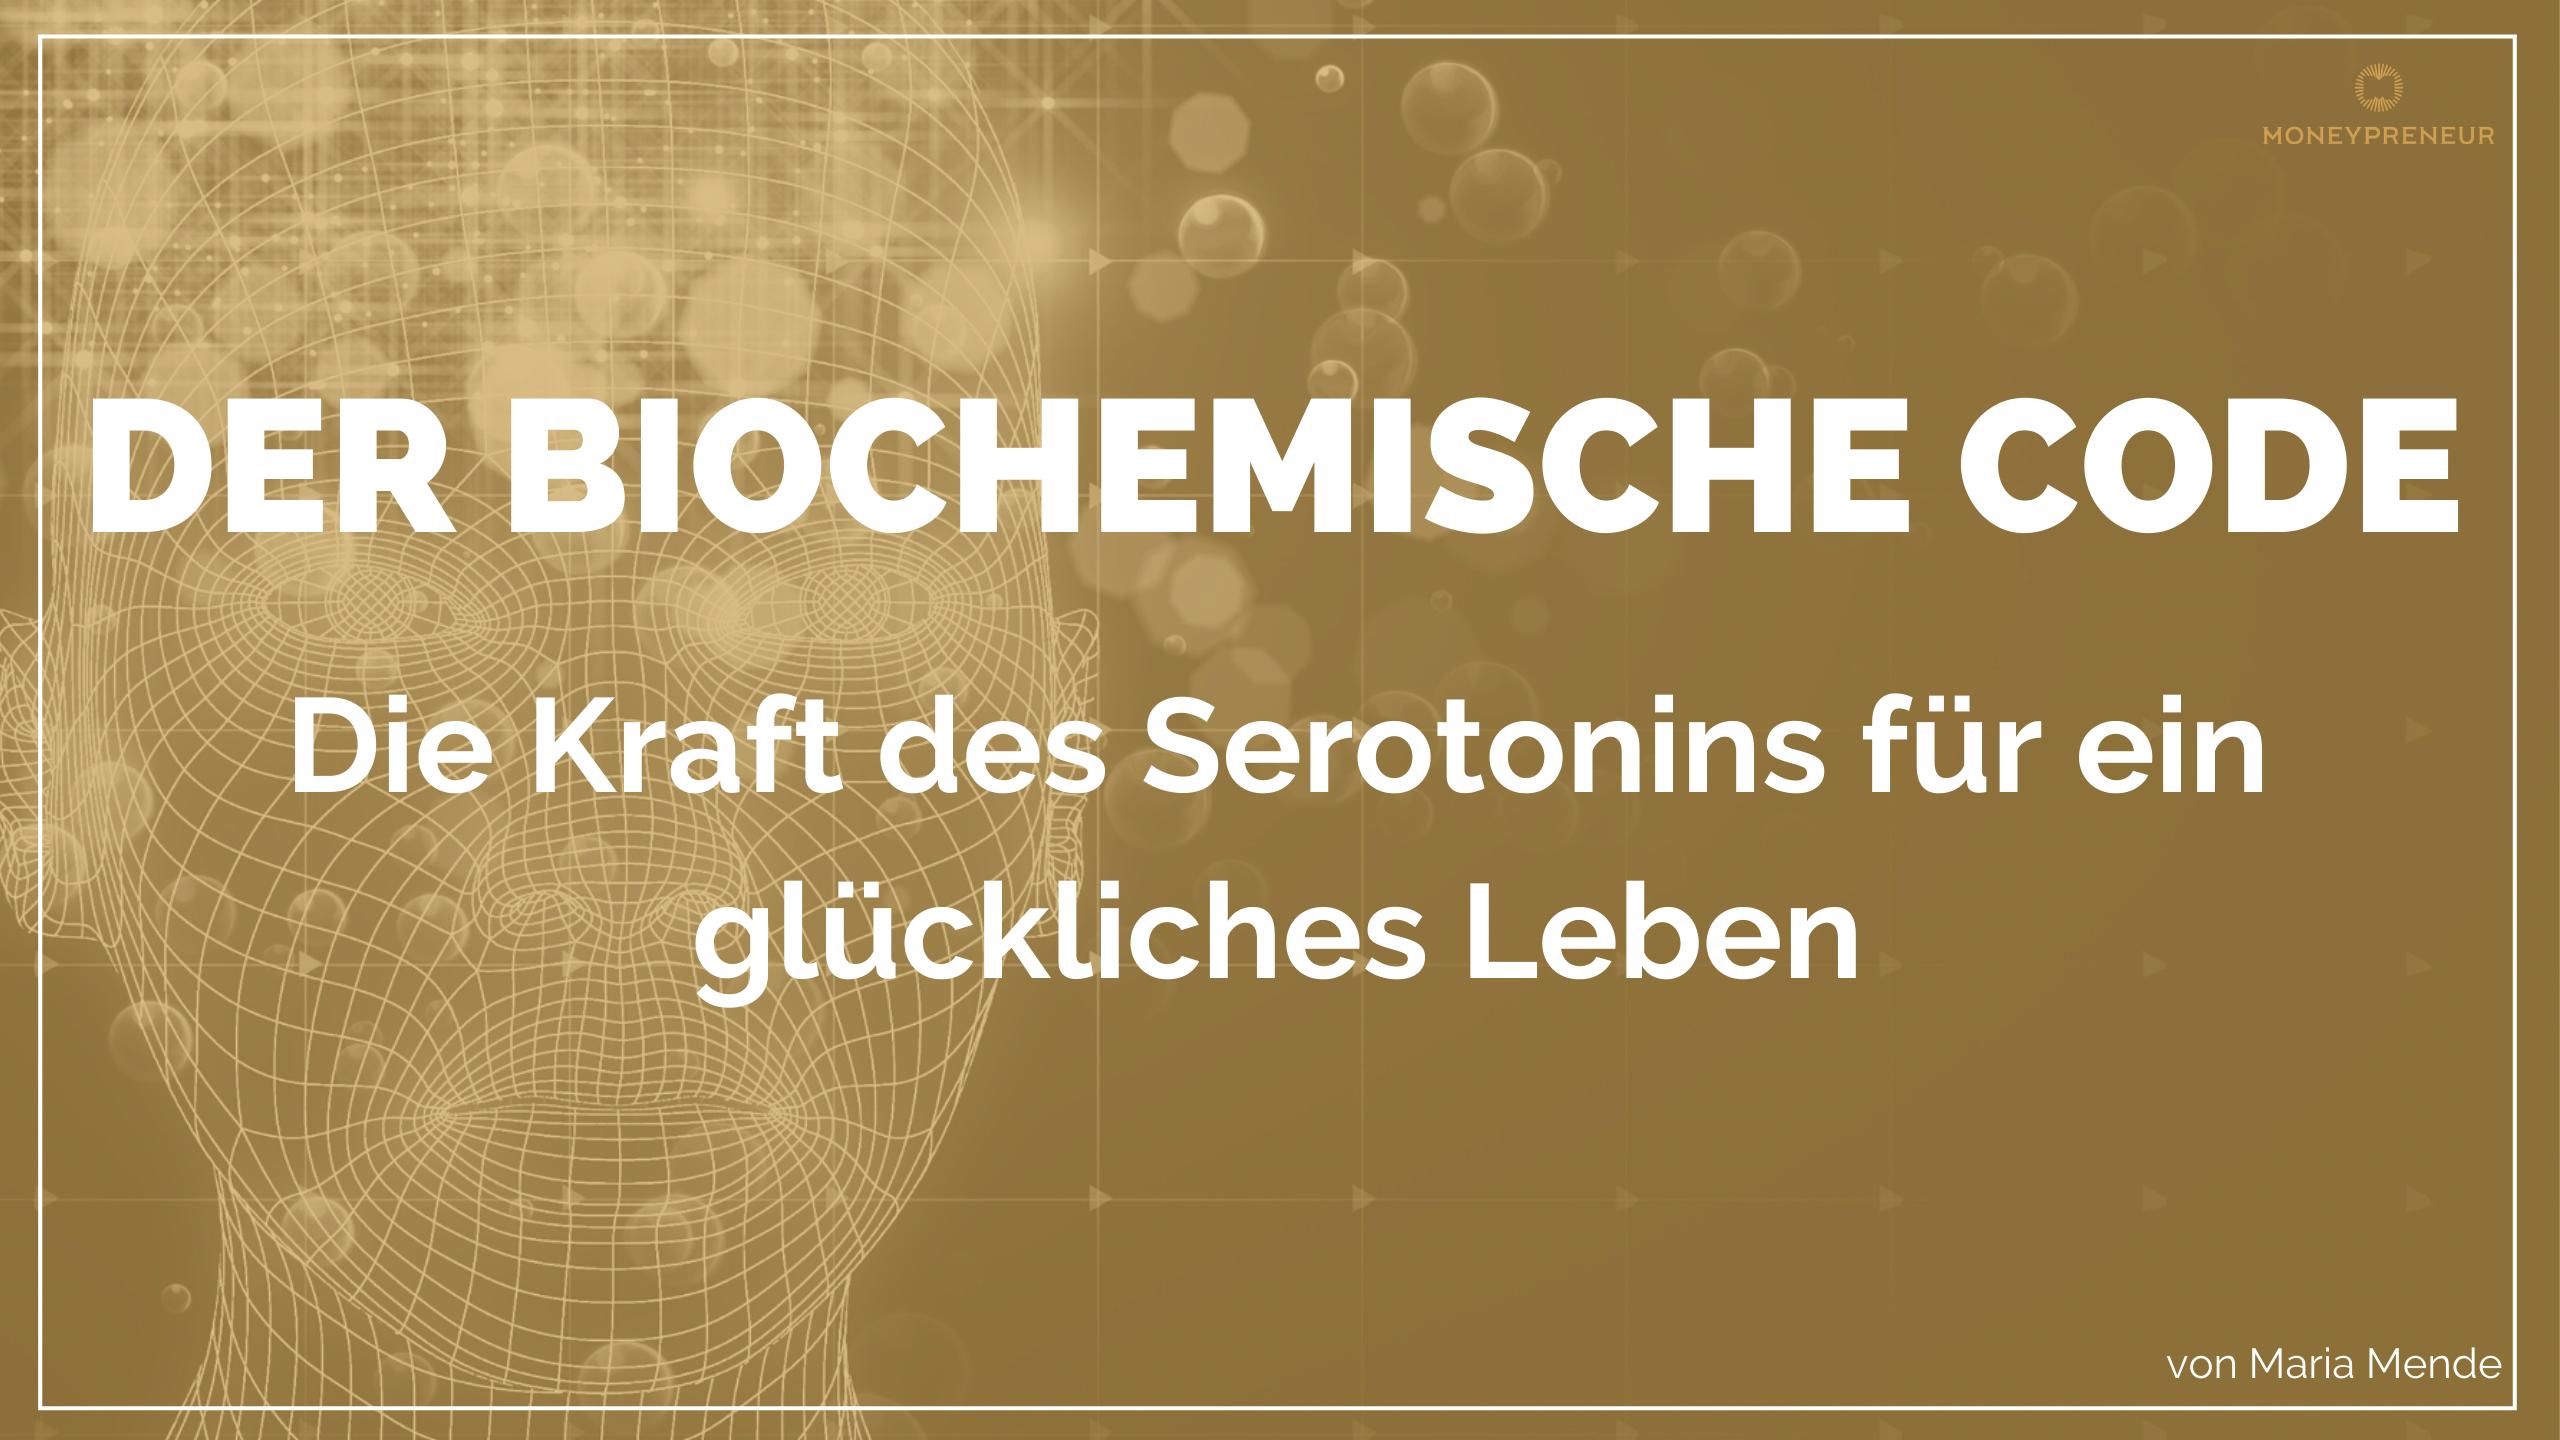 Die-Kraft-des-Serotonin-für-ein-glückliches-Leben